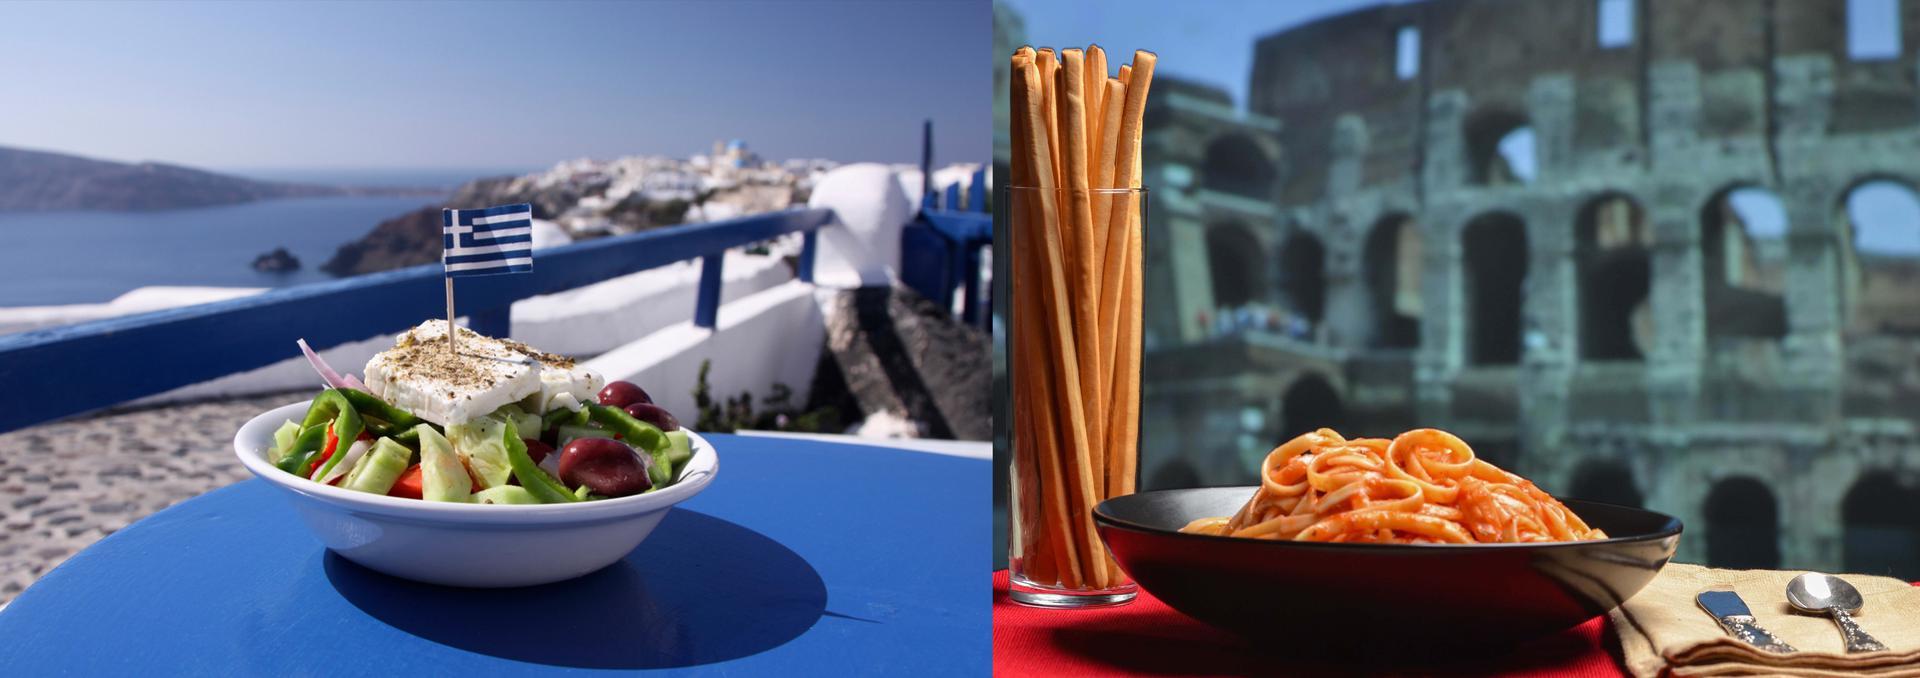 Kuchnia śródziemnomorska W Lidlu I Biedronce Kto Ma Lepsze